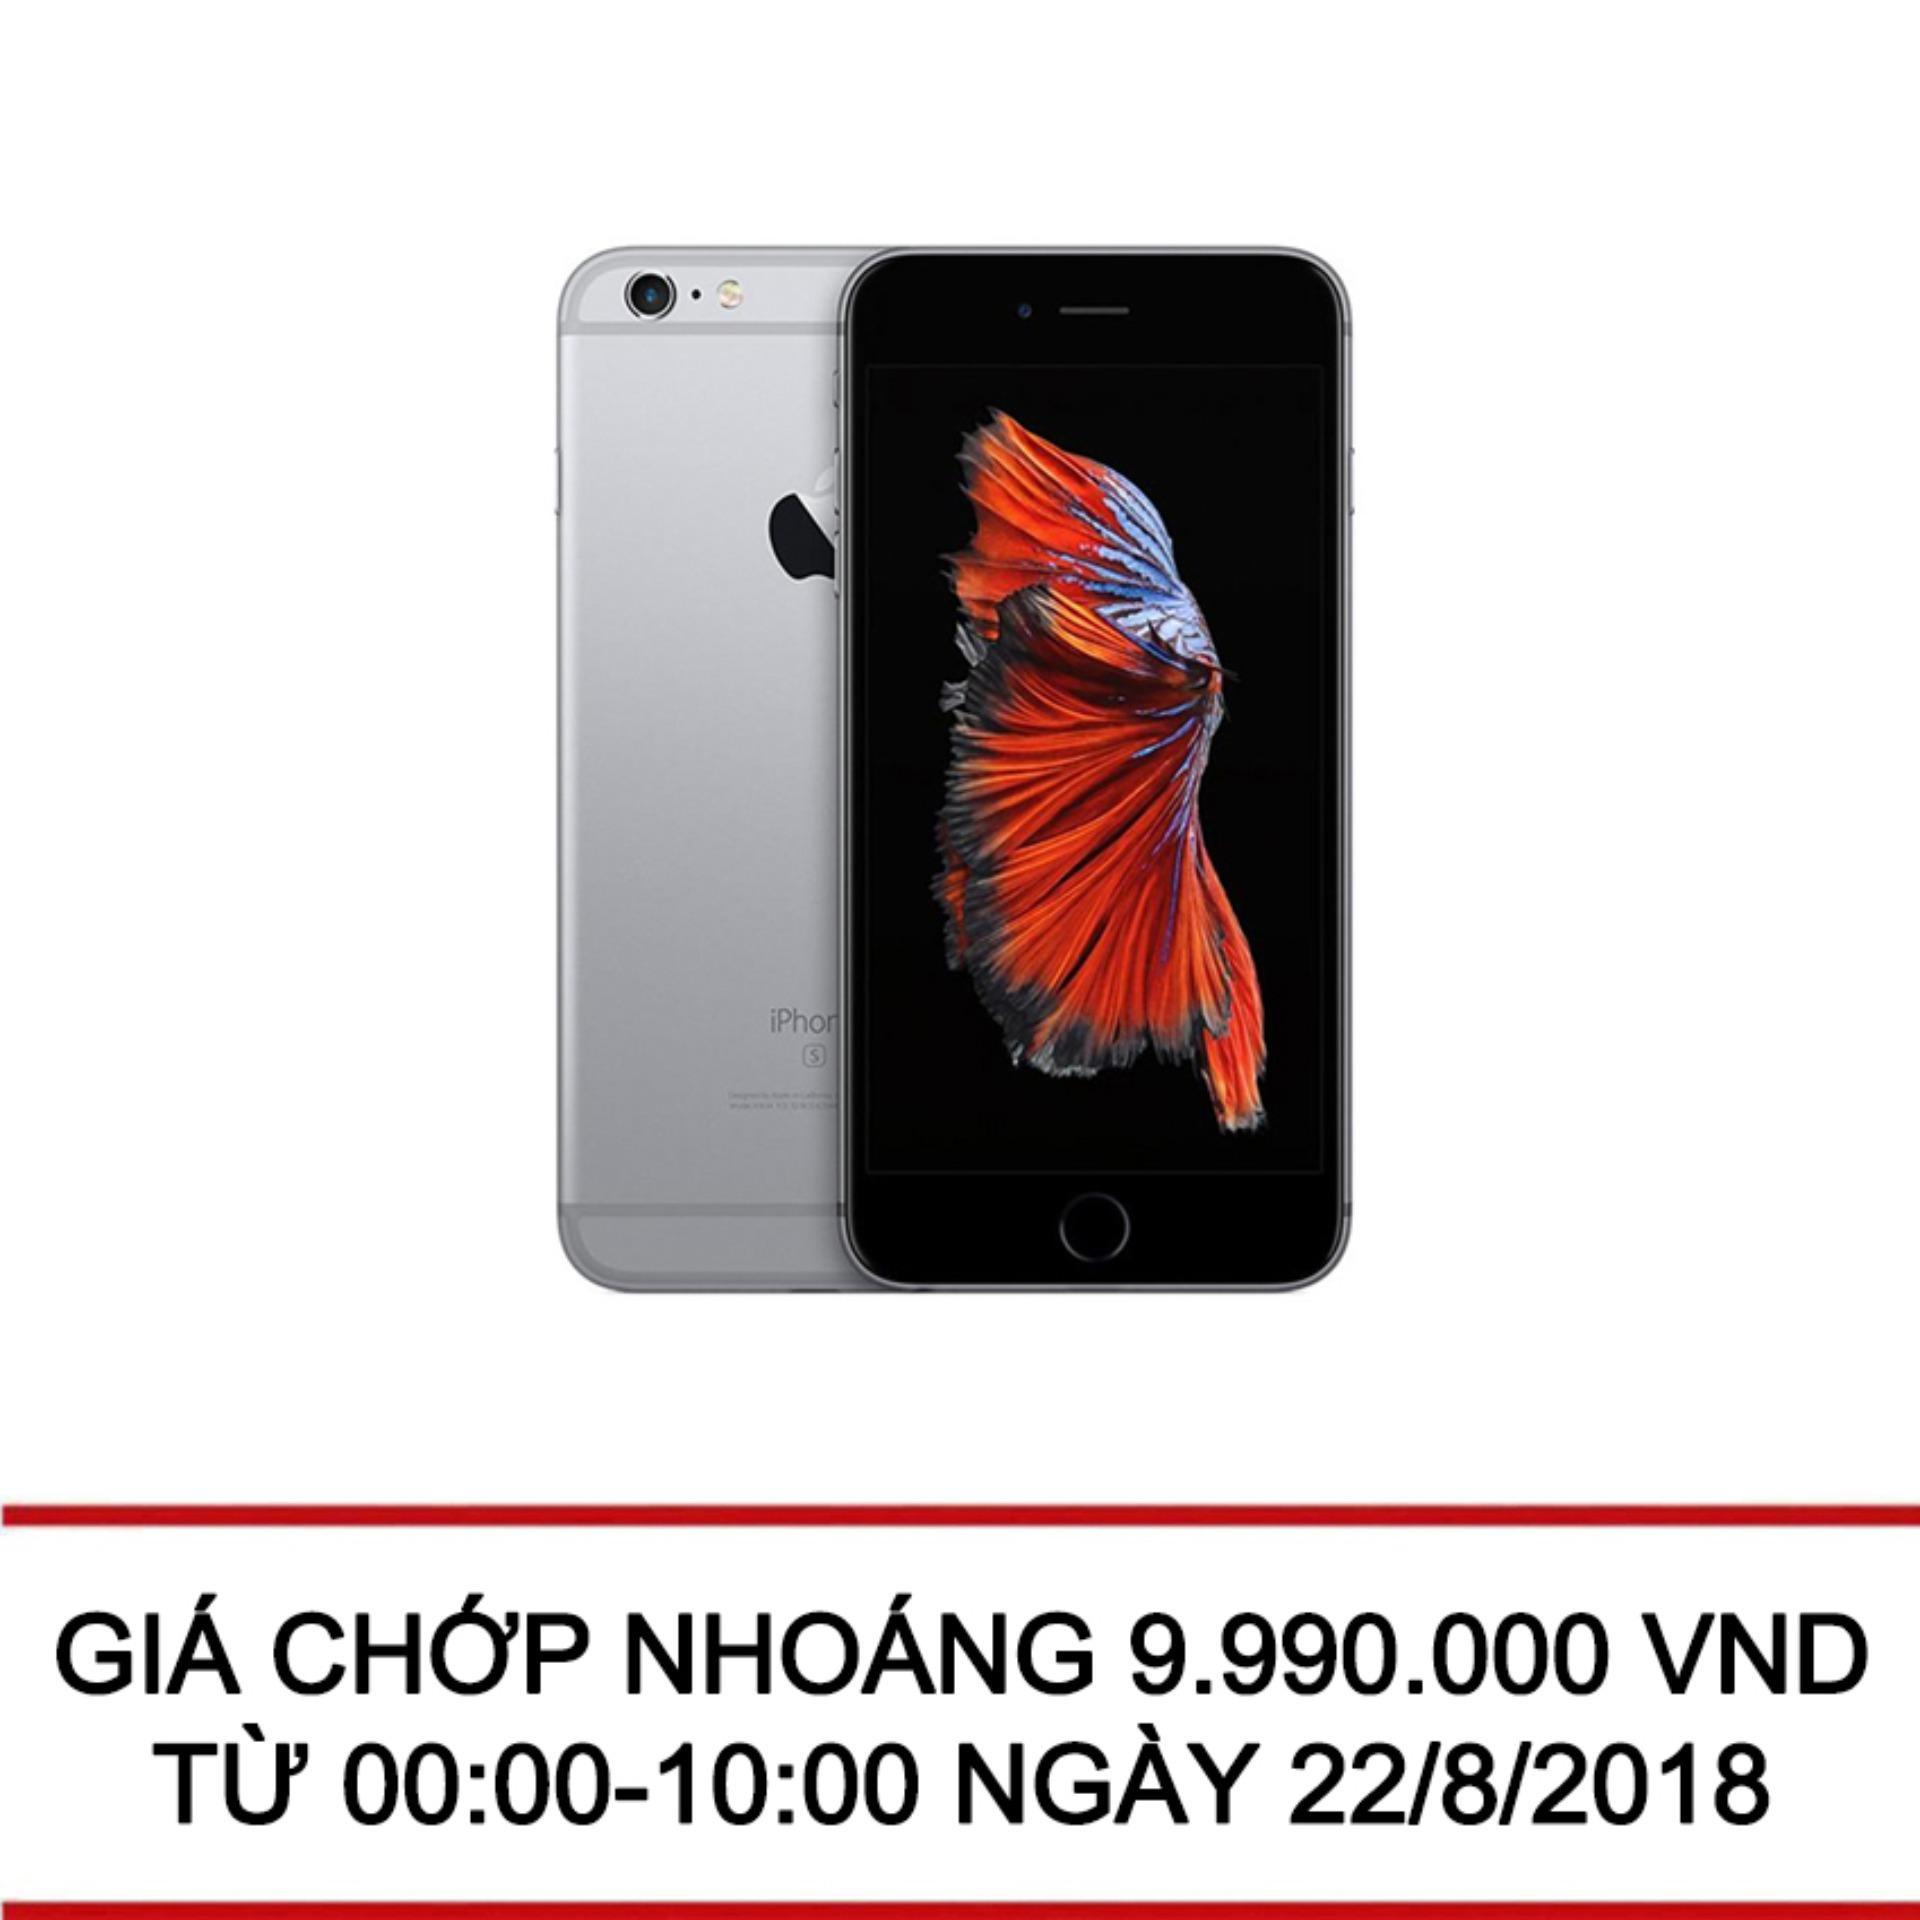 Hình ảnh Apple iPhone 6s Plus 32GB